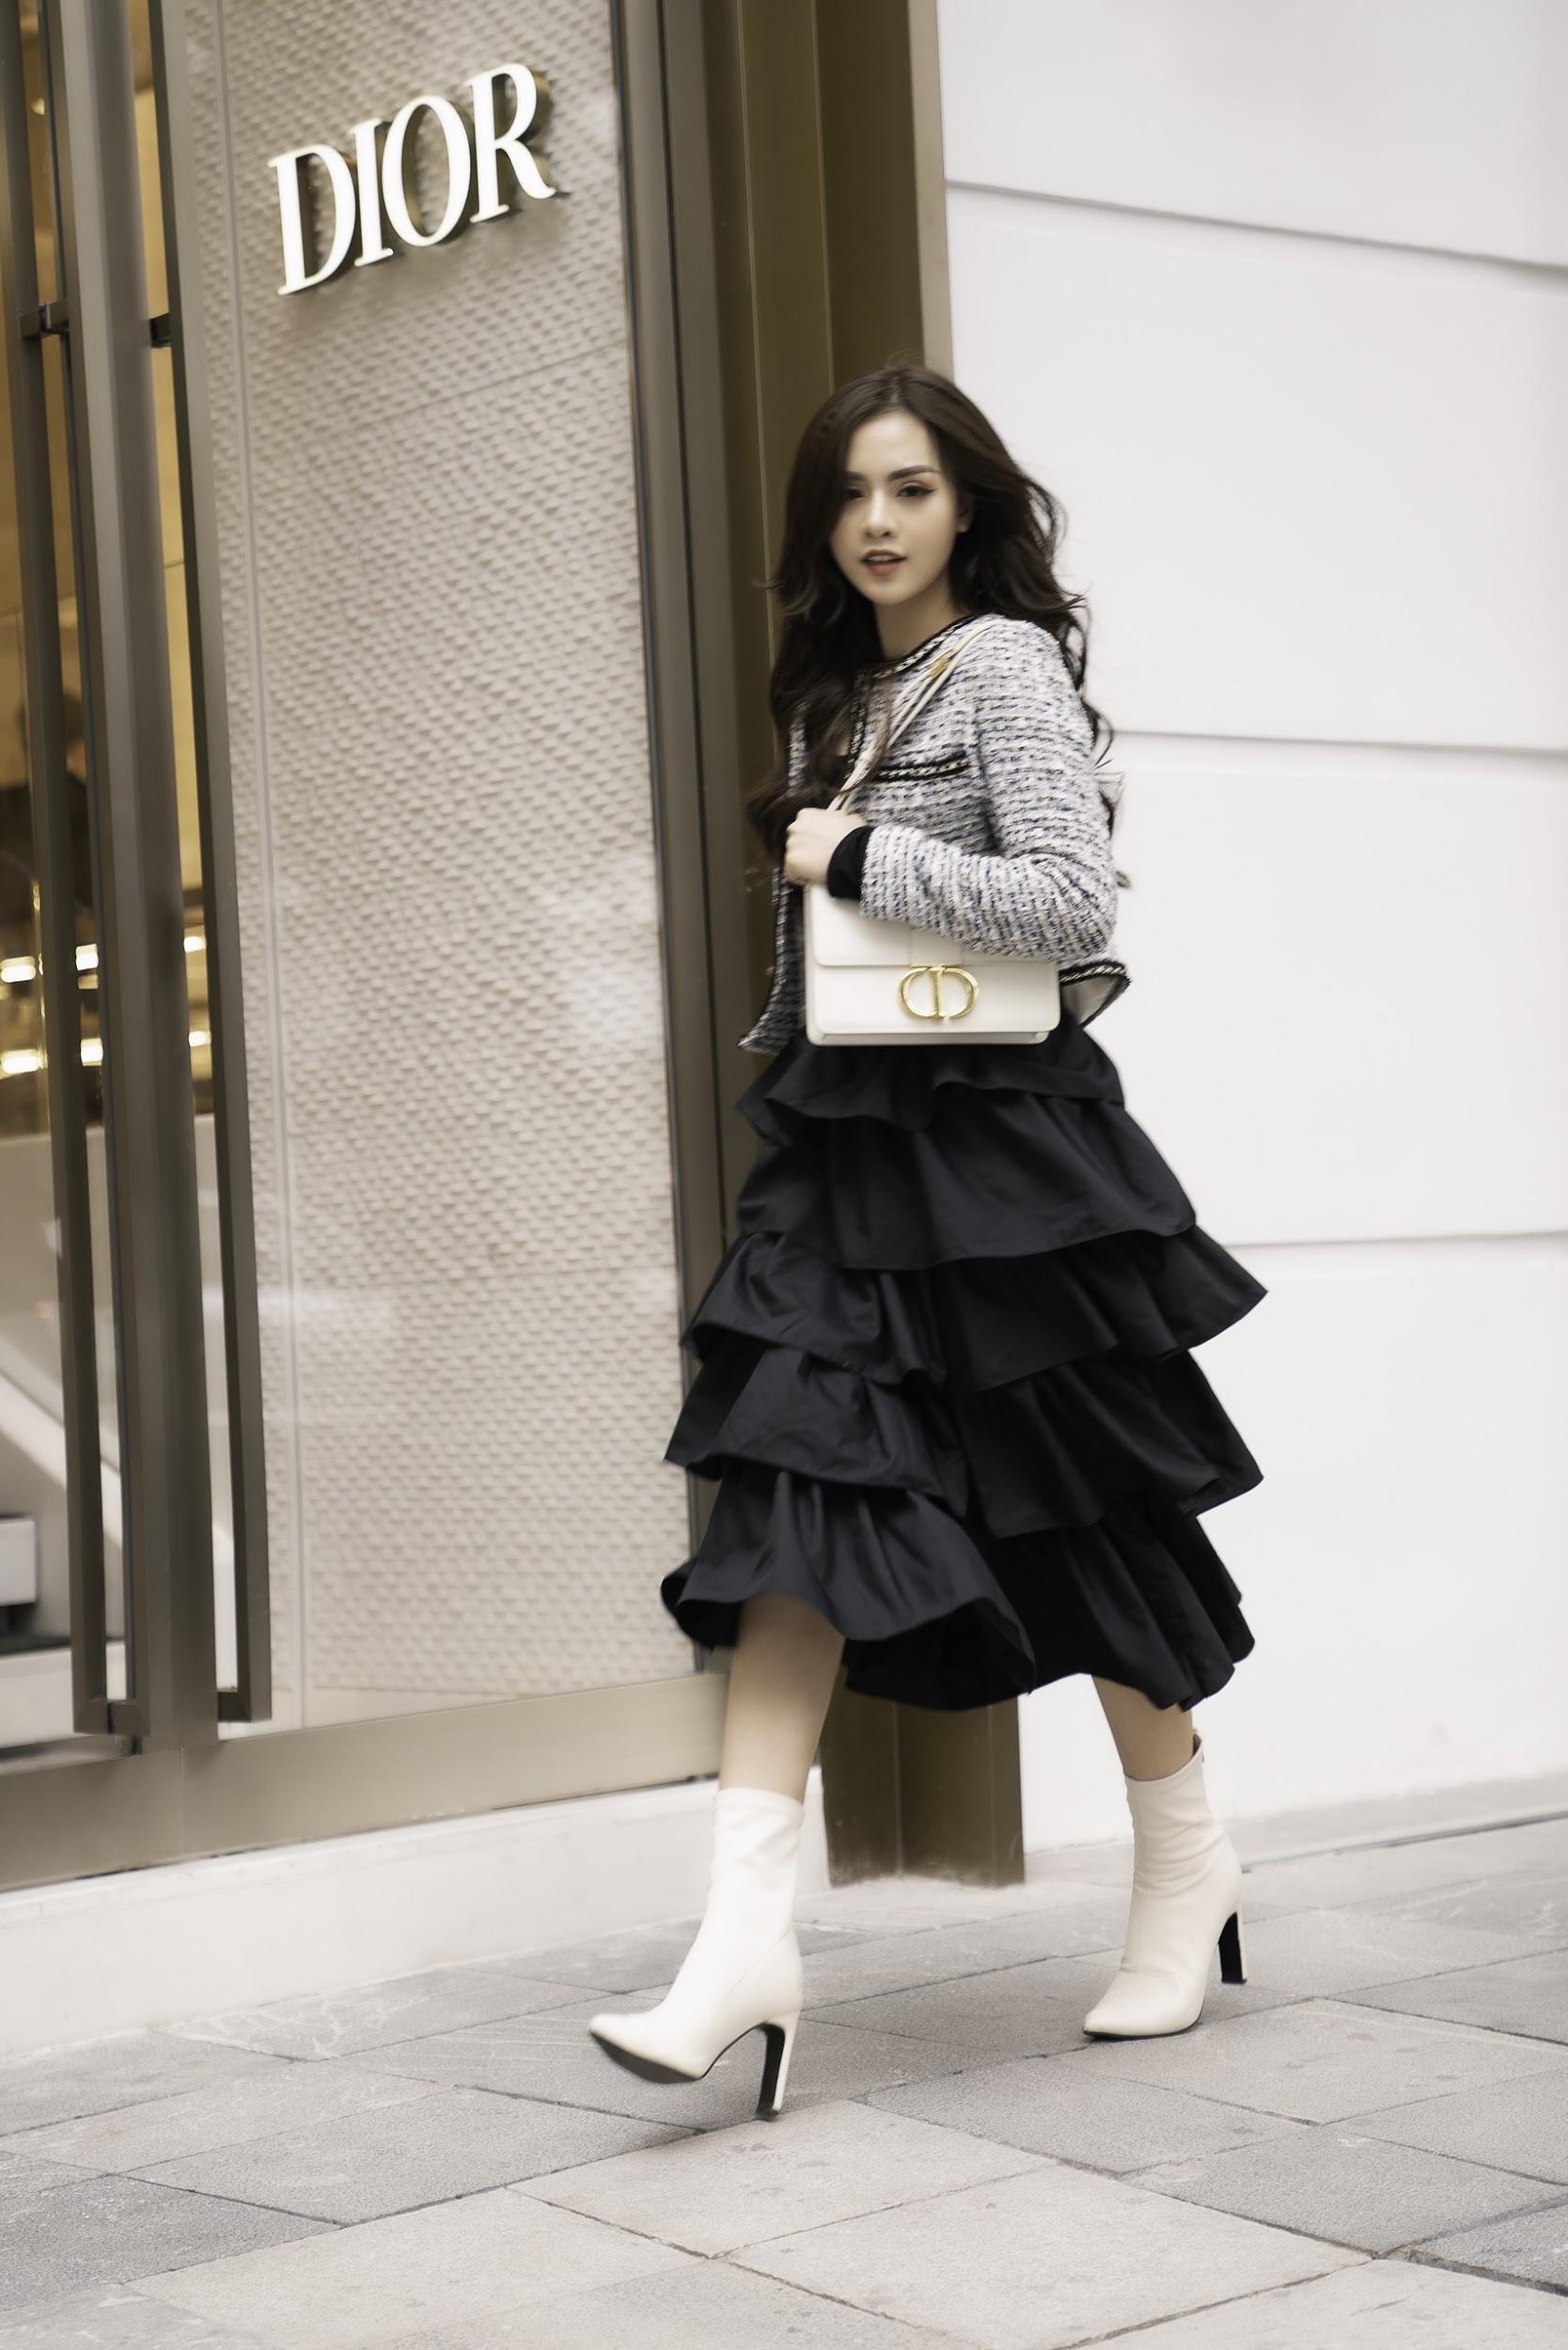 Gặp gỡ cô nàng sinh viên năm 2 trường Báo đang được nhiều brand thời trang săn đón - Ảnh 5.